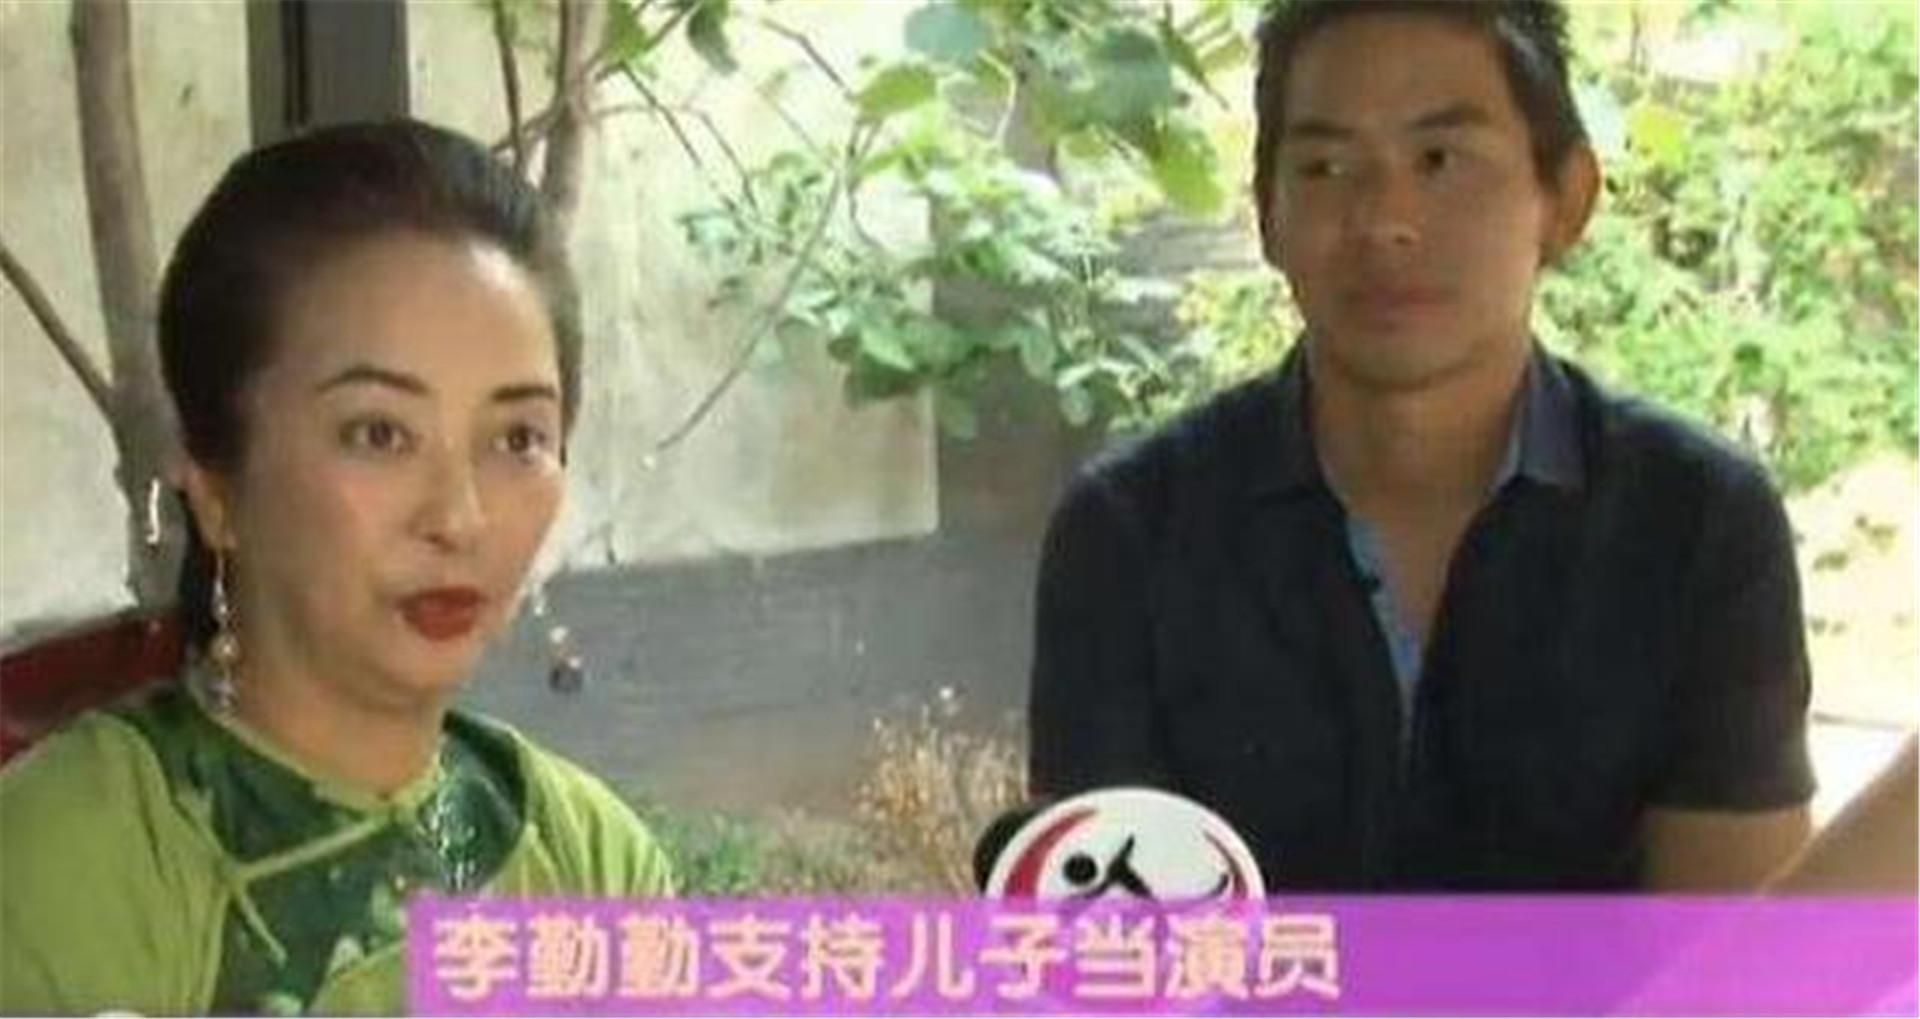 揚言不嫁中國人, 卻兩次被老外拋棄, 如今她帶著兒子回國撈金-圖9